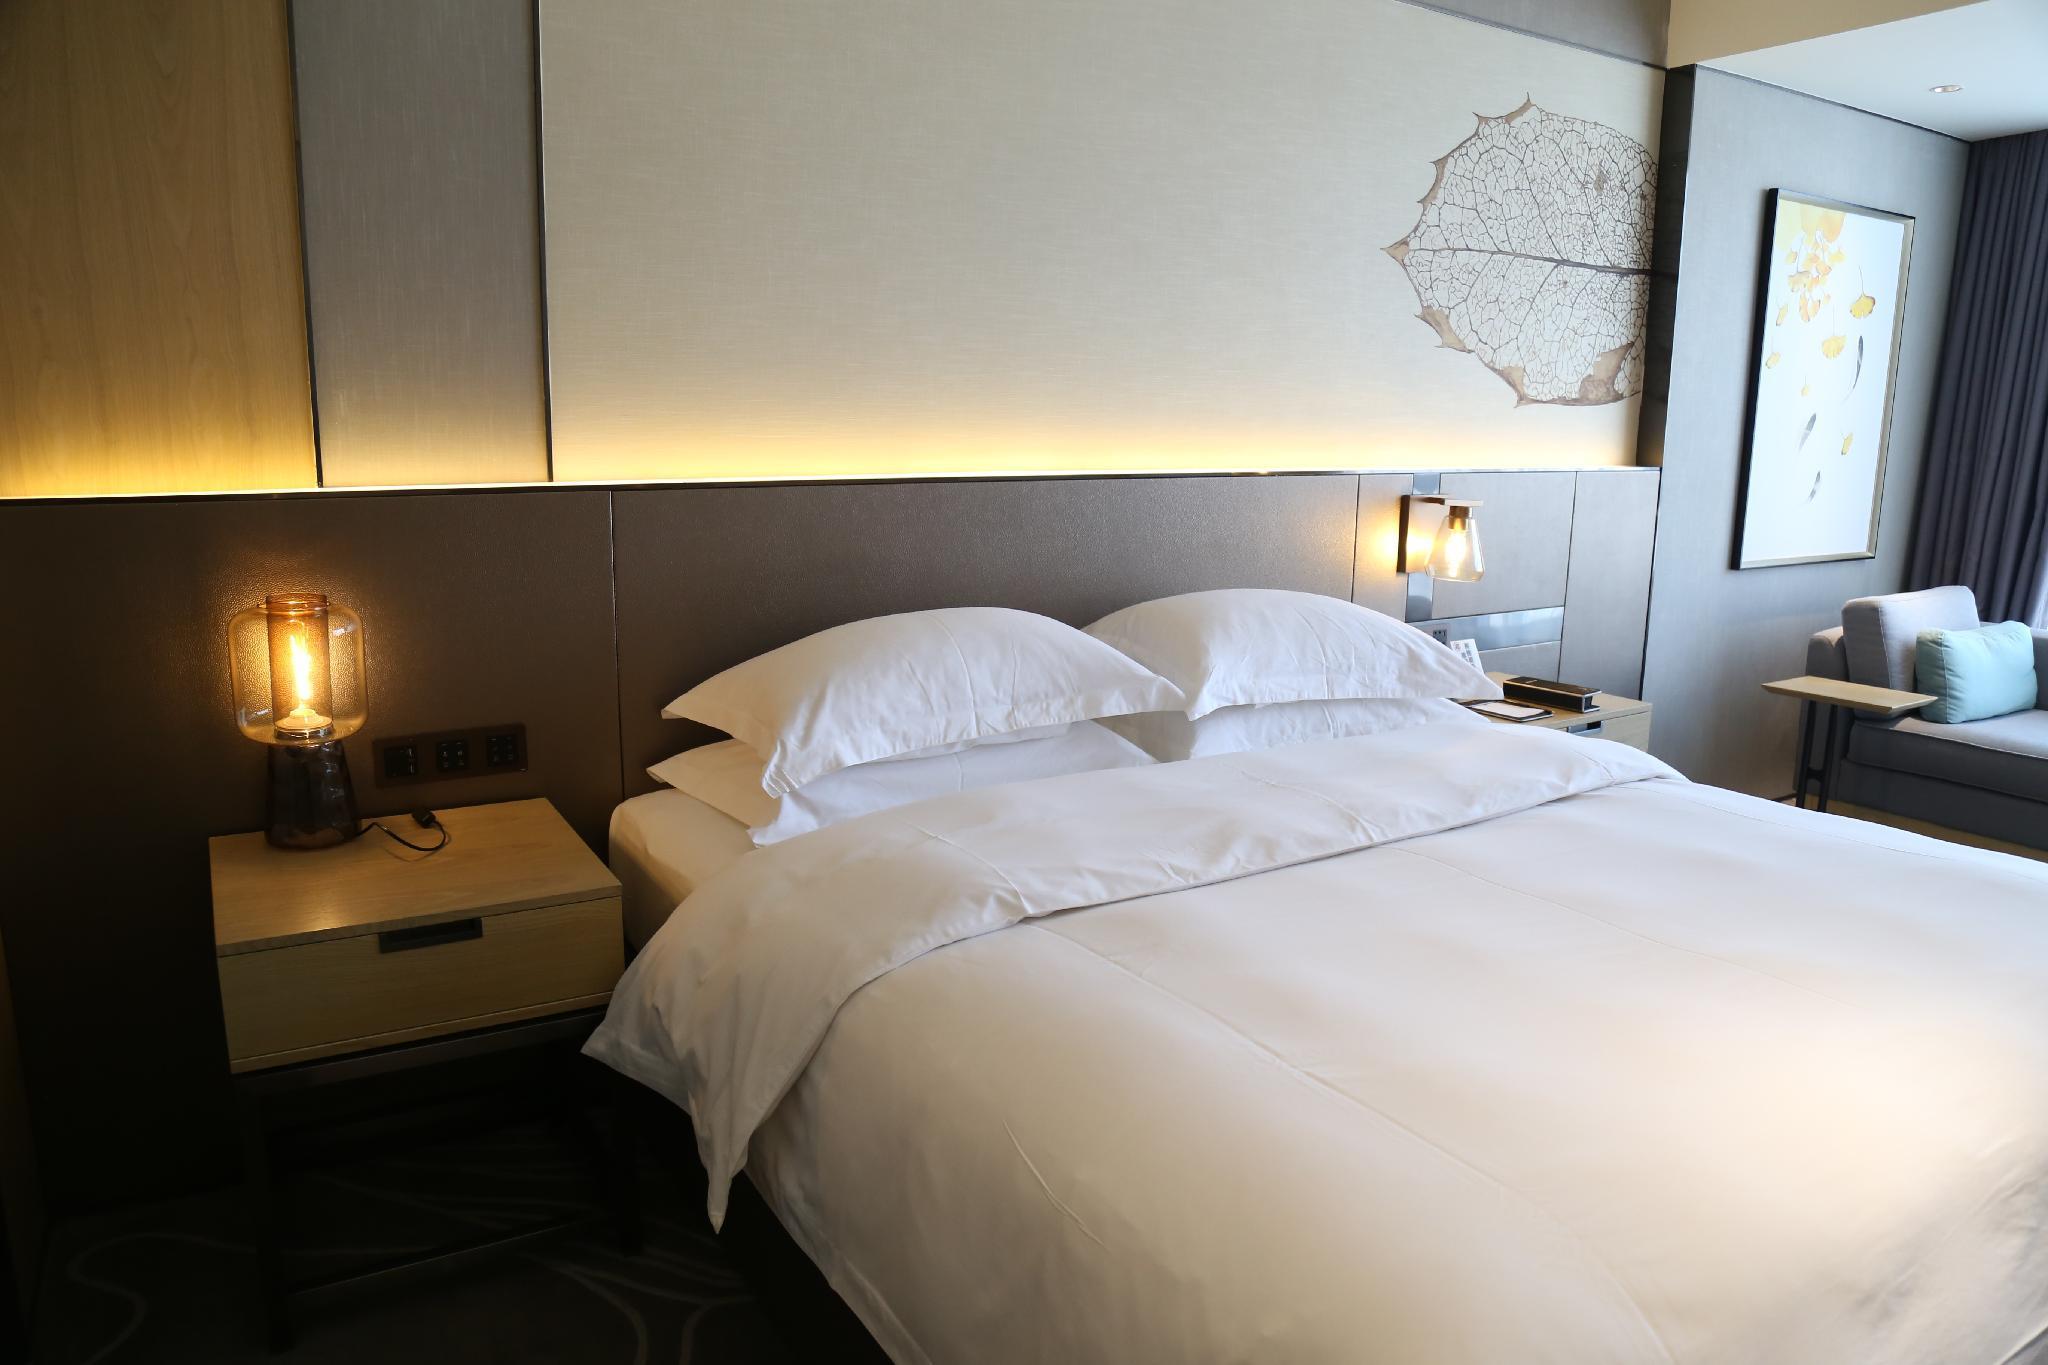 ZHONG DING HOTEL, Yulin